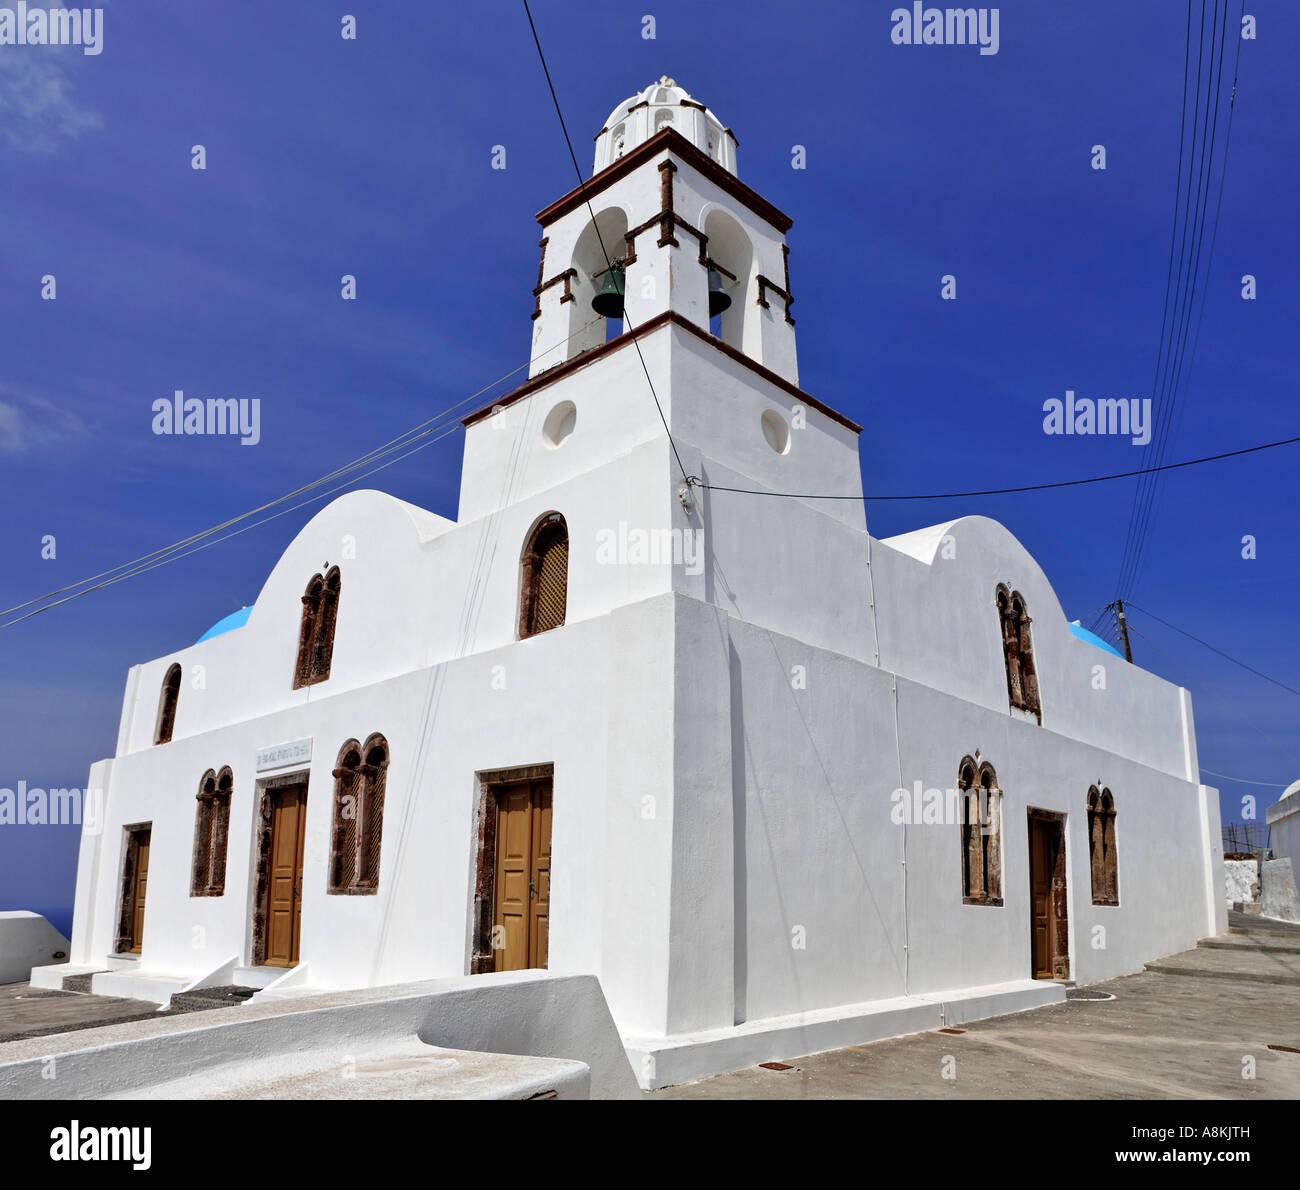 Church Agios Konstantinos, Manolas, Thirassia, Santorini, Greece - Stock Image